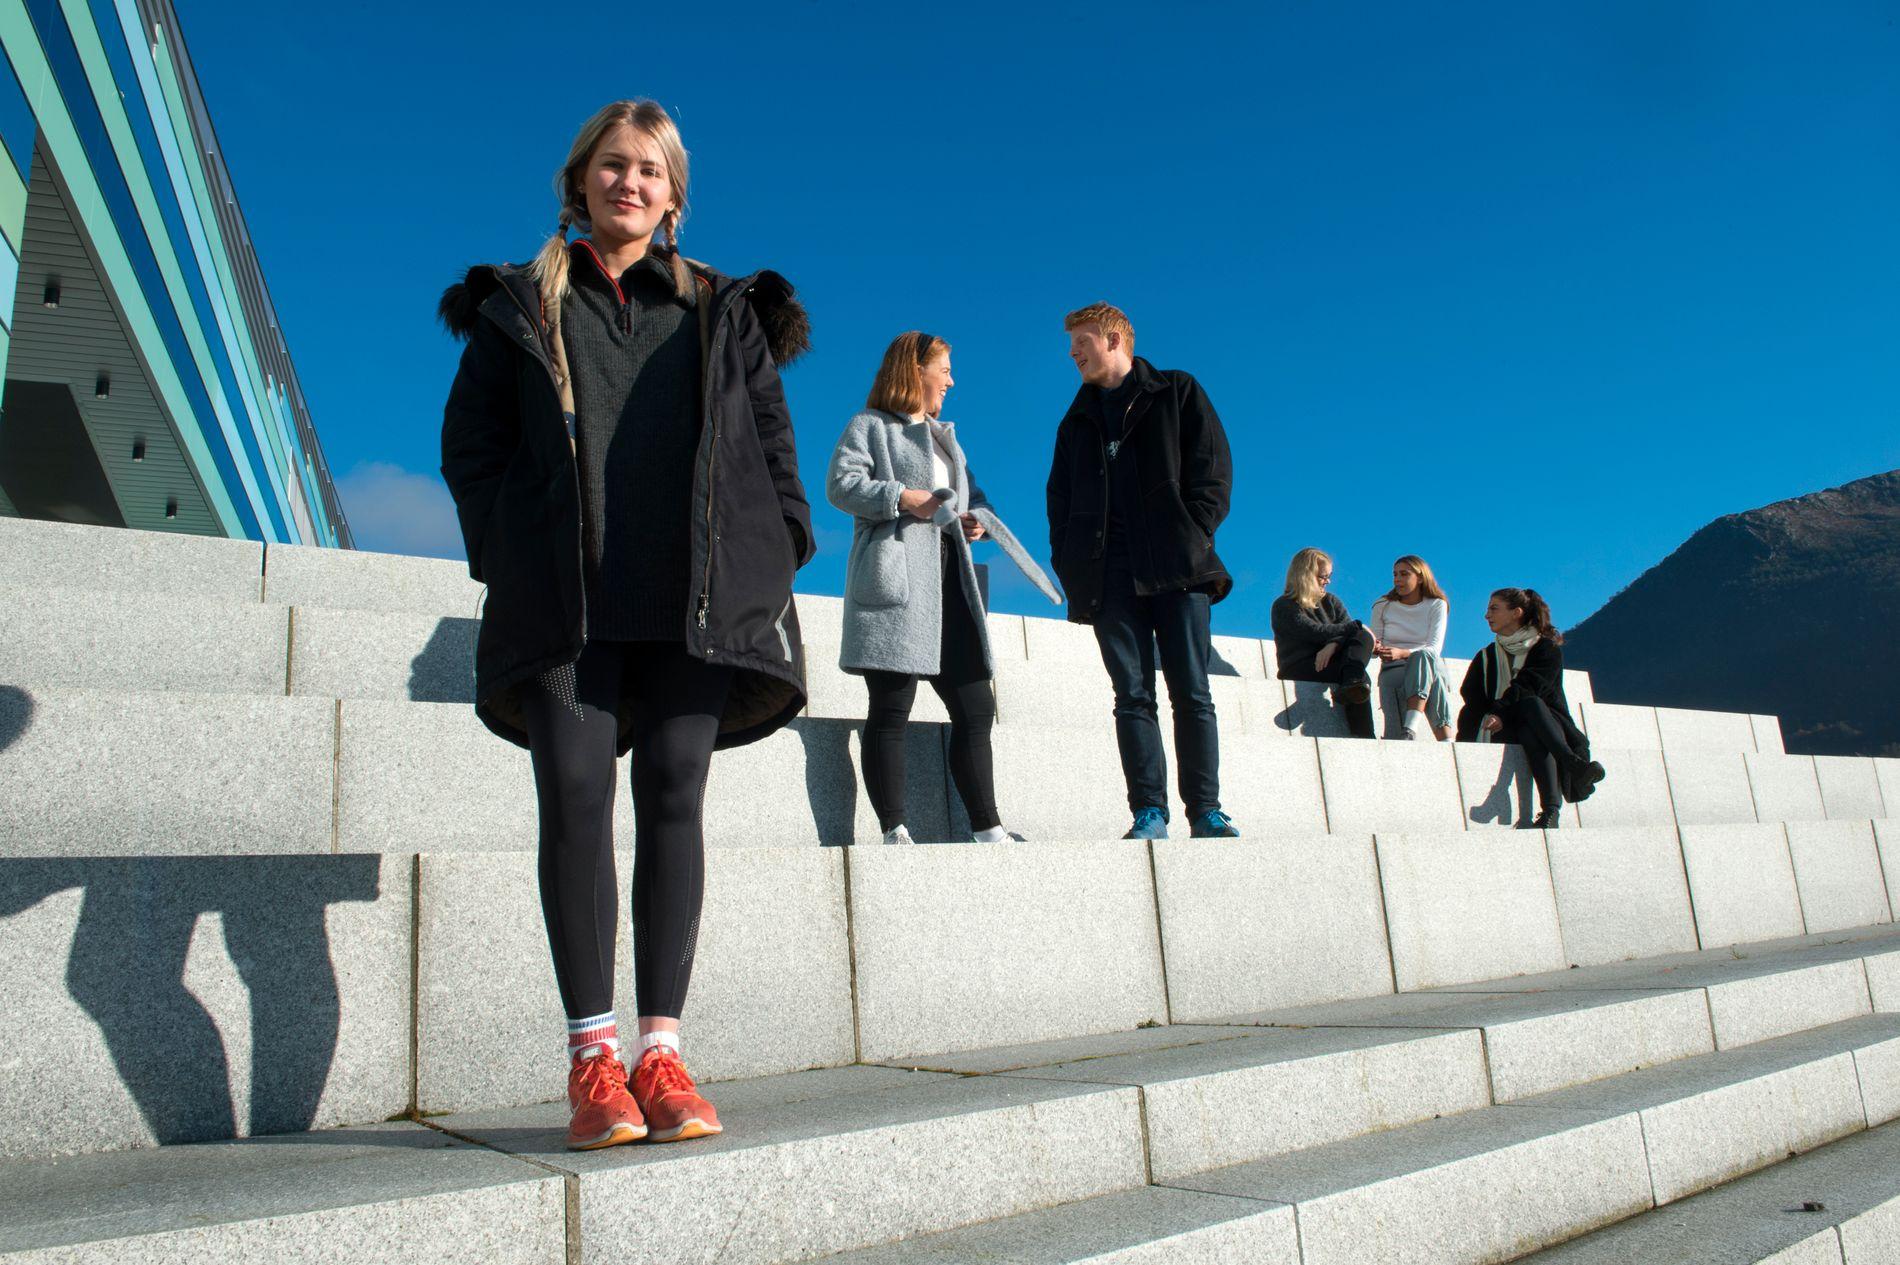 ISAK-FANS: Vennegjengen fra Amalie Skram videregående skole heier på Isak og Even i «Skam». De håper NRK spiller ut alt ved kjærlighetsforholdet, også sex, slik de gjorde i tidligere sesonger. – Hvis ikke mister jeg litt respekten for NRK, sier Elisabeth Solmunde. Foran: Sophie Dagsland (18). Bak fra venstre: Louise Amdam (18), Håvard Bakka (17), Elisabeth Solmunde (17), Flora Scofano (17) og Synne Bjerkestrand (18).